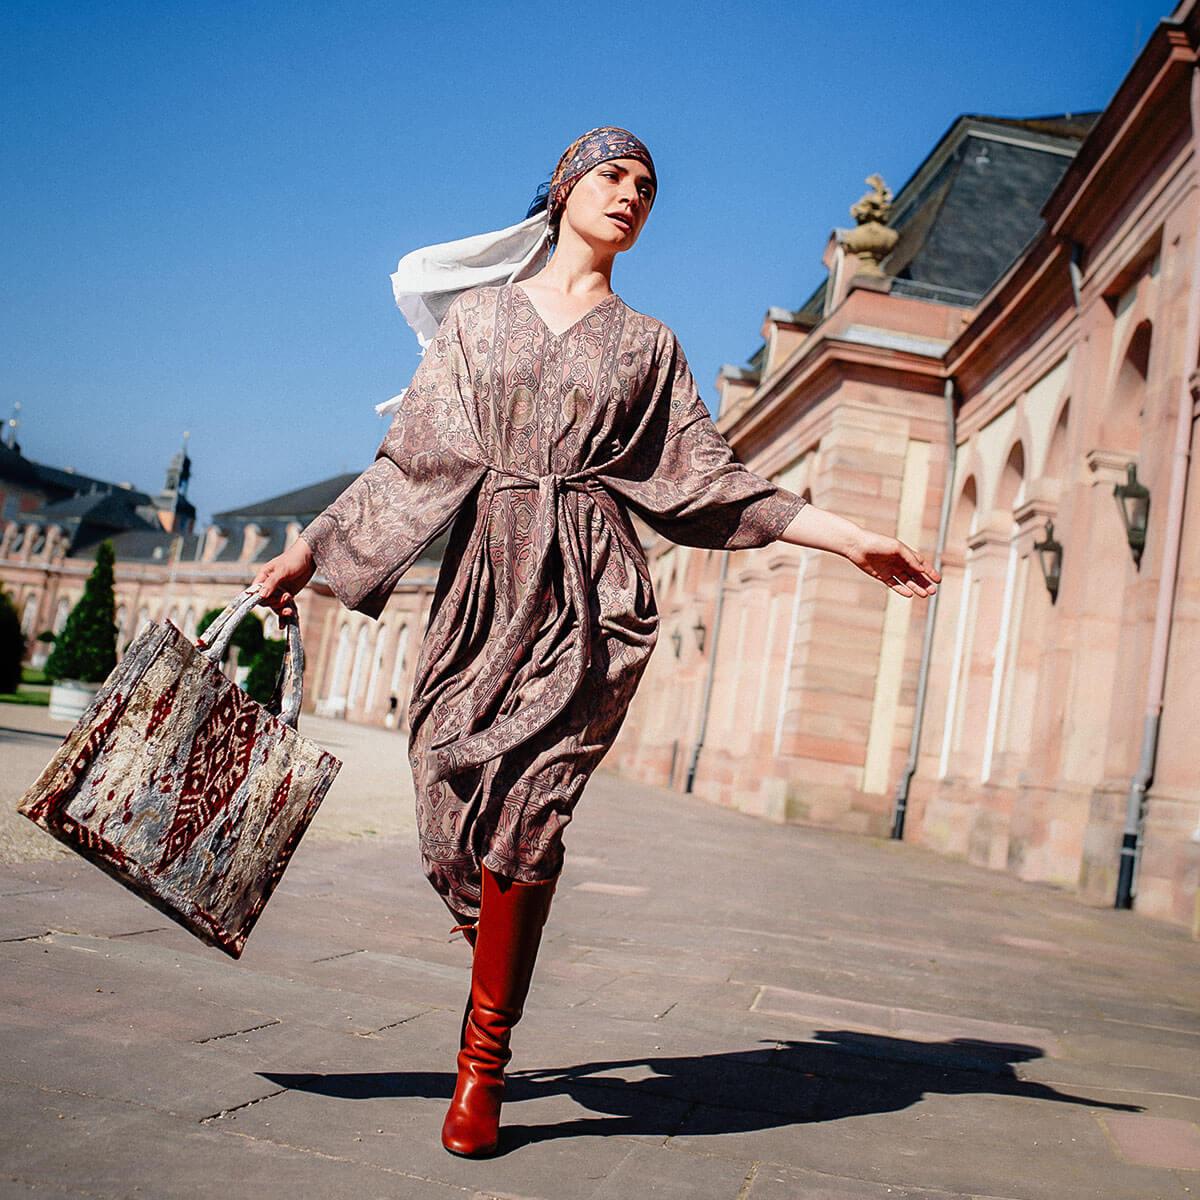 junge Frau läuft durch die Straße mit einer gemusterten Tote bag in der Hand und einem knielangen Kleid in Wildlederoptik mit armenischen Mustern